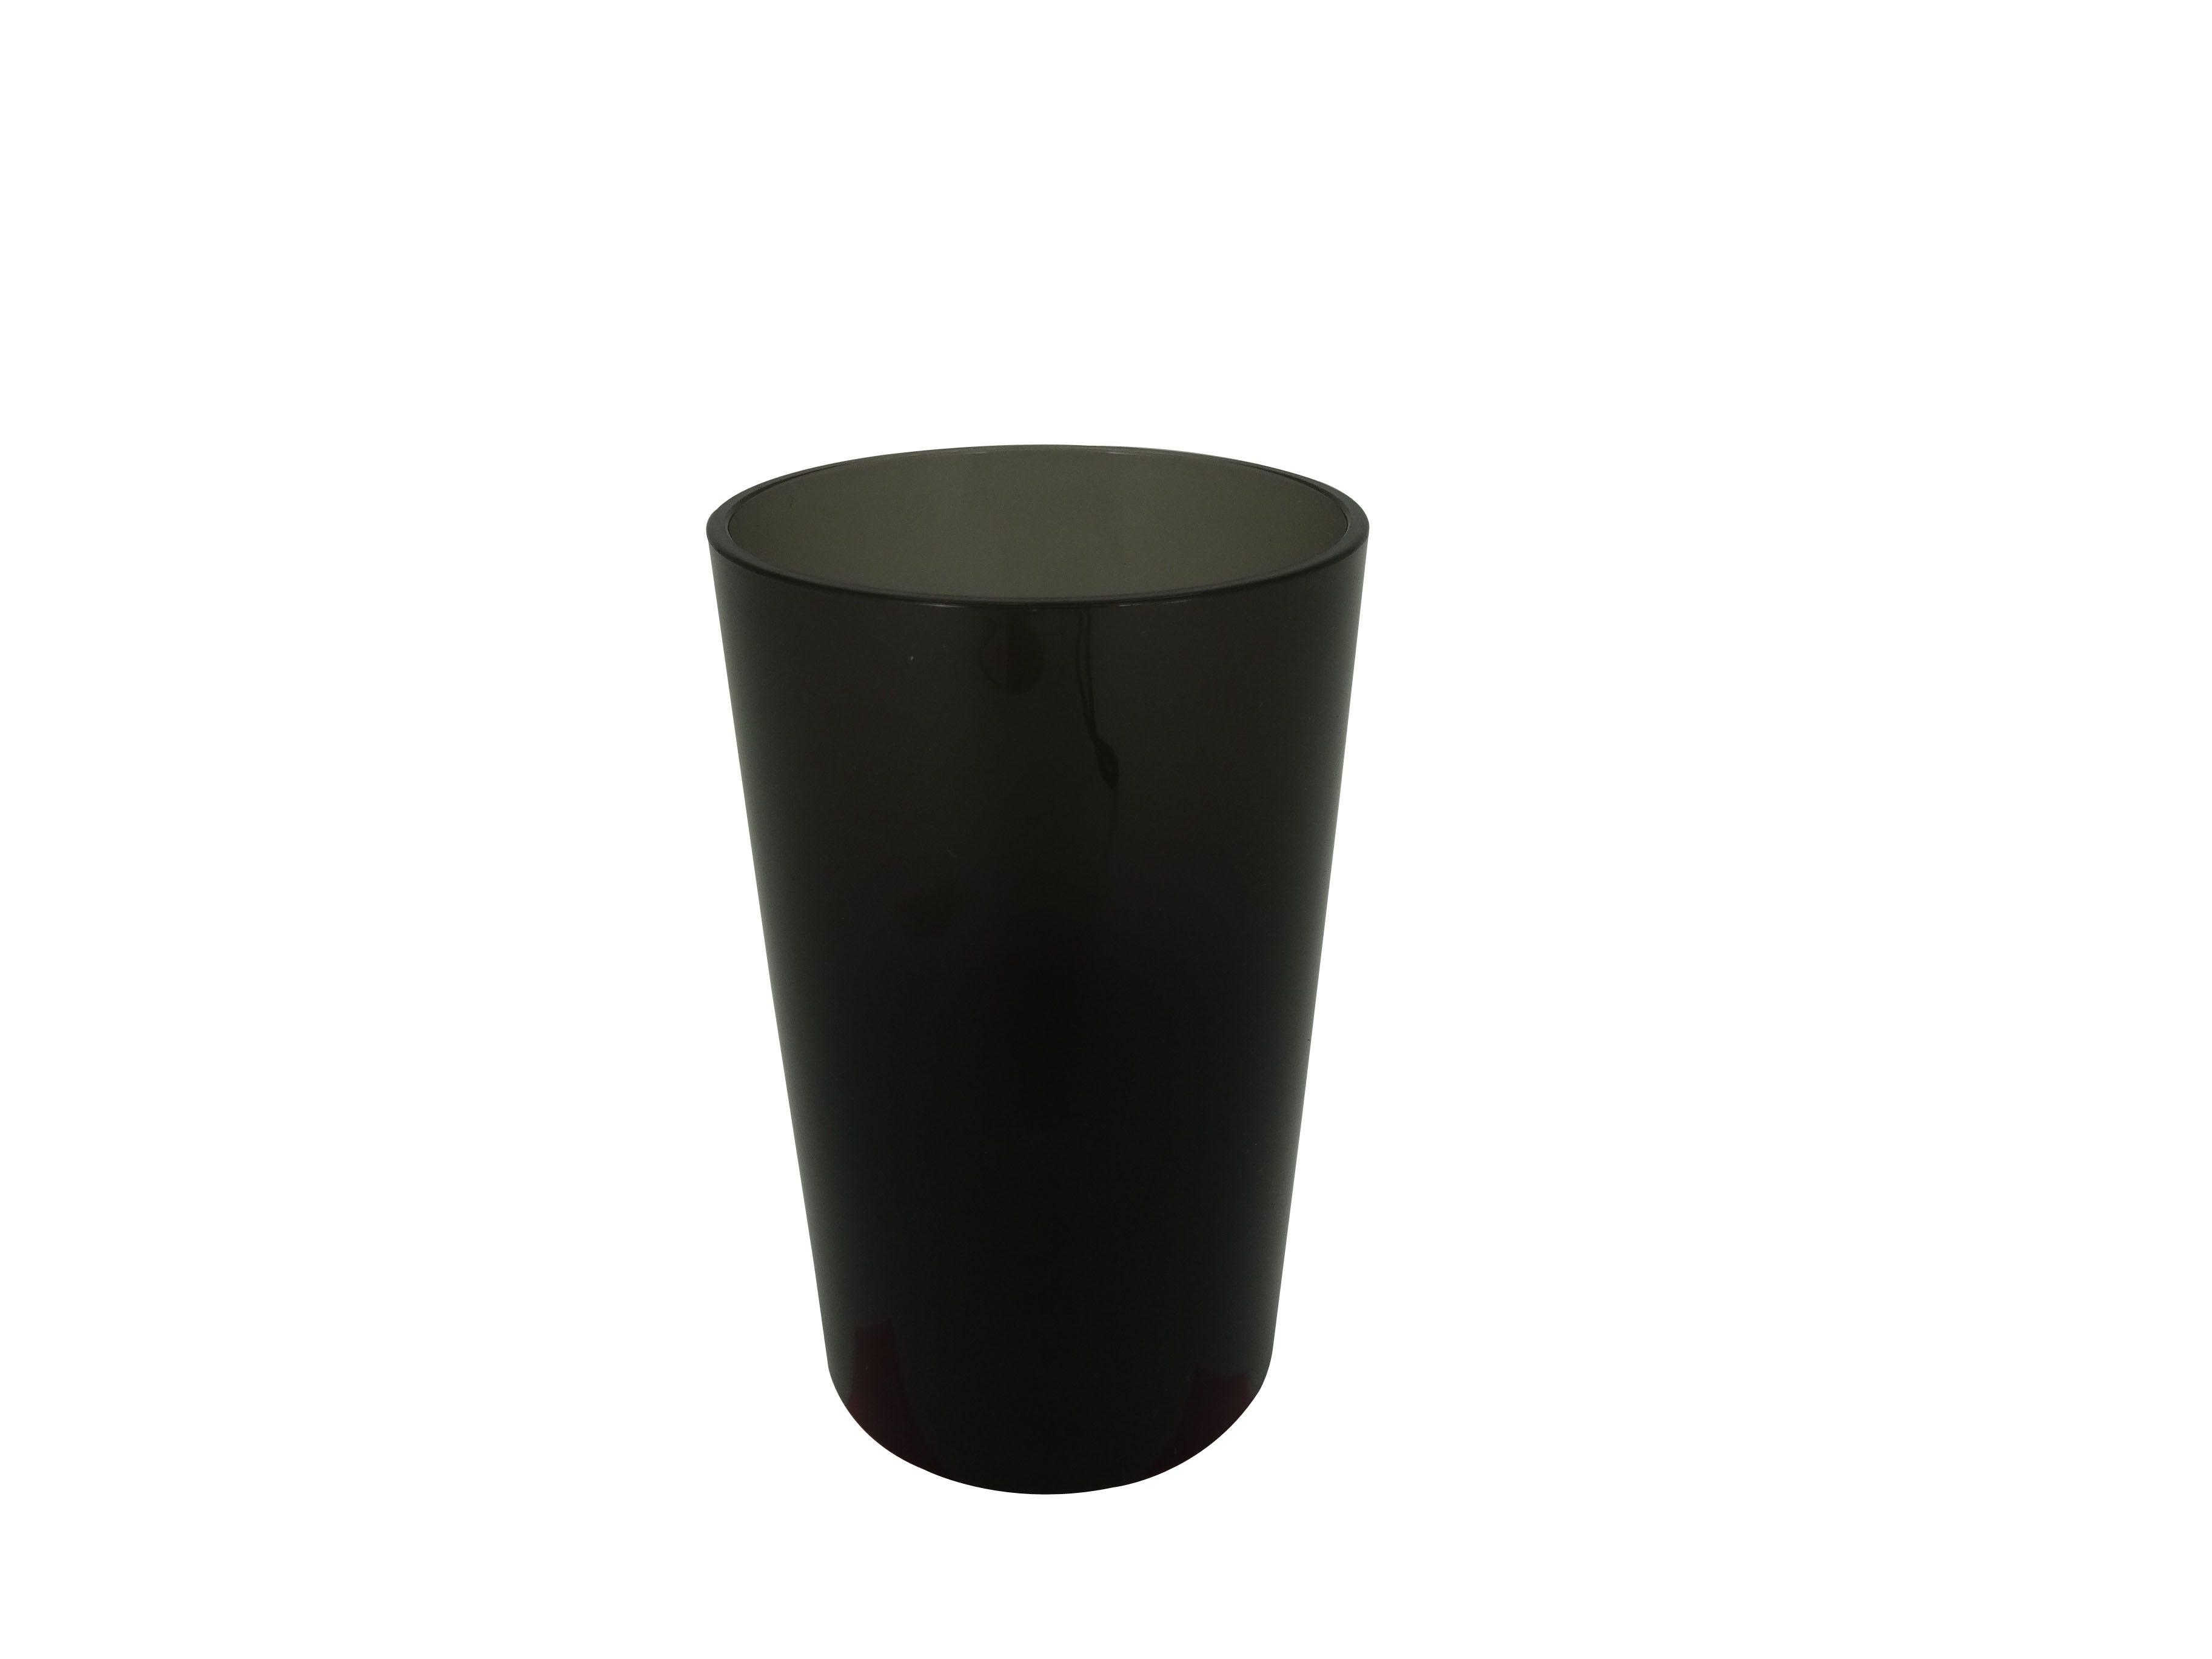 Vaso de acrílico de acrílico Namaro Design® color gris humo